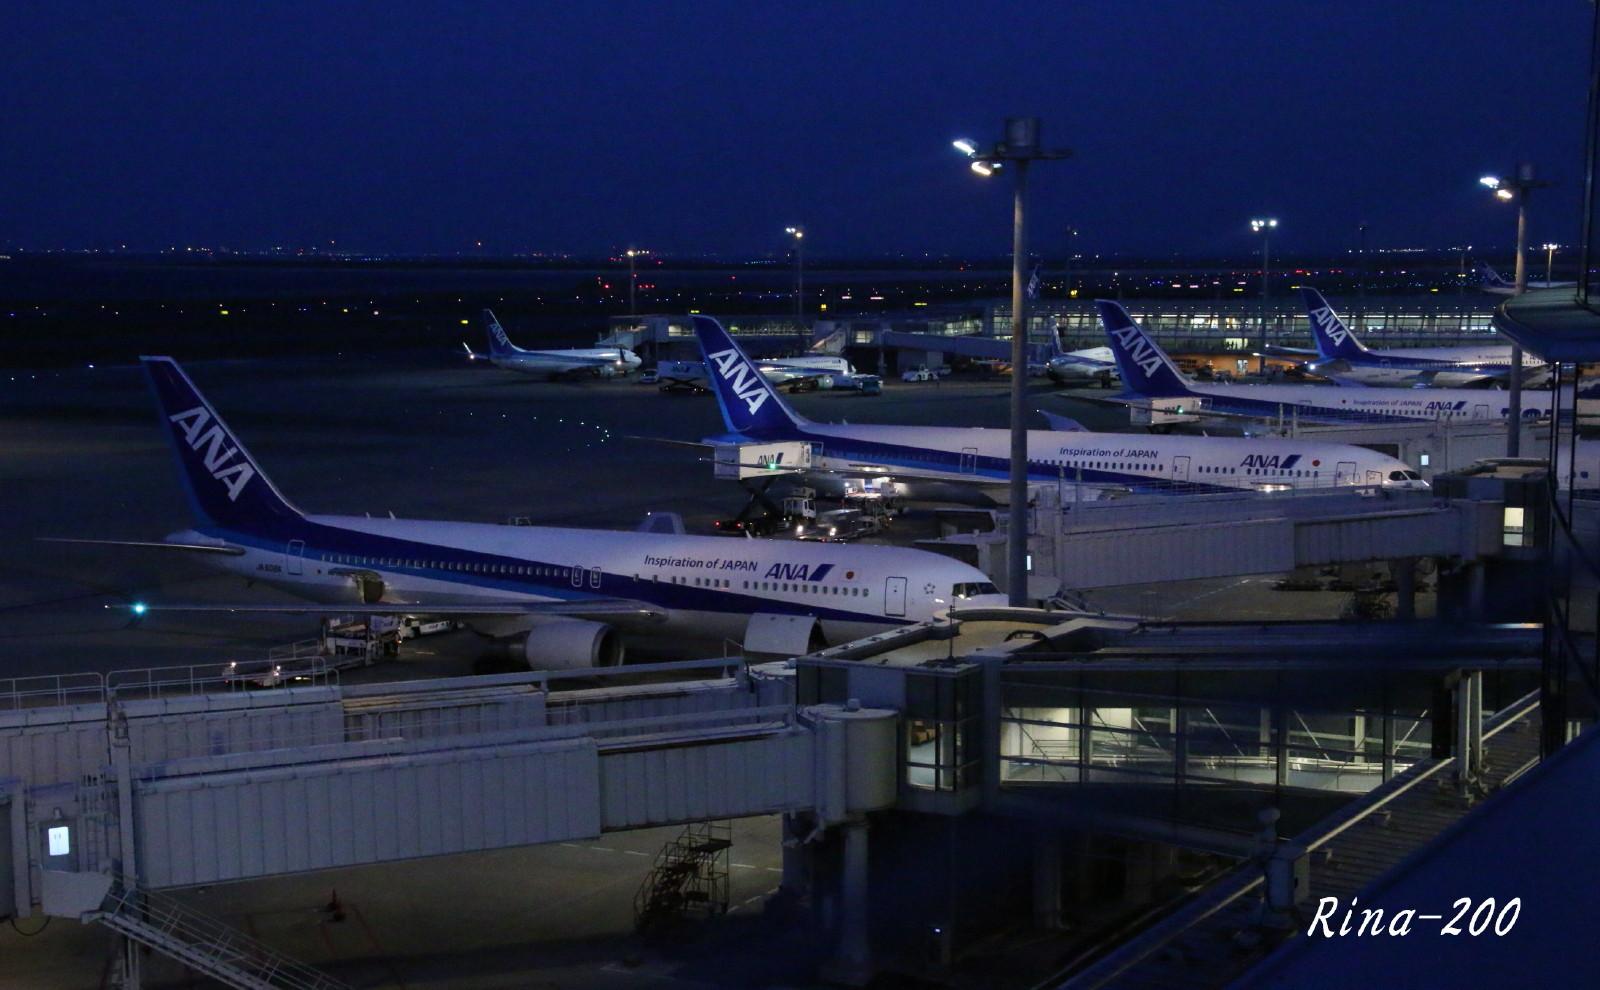 ちょこっと夜羽田 羽田・成田遠征記パート18 - 青い空と小松空港